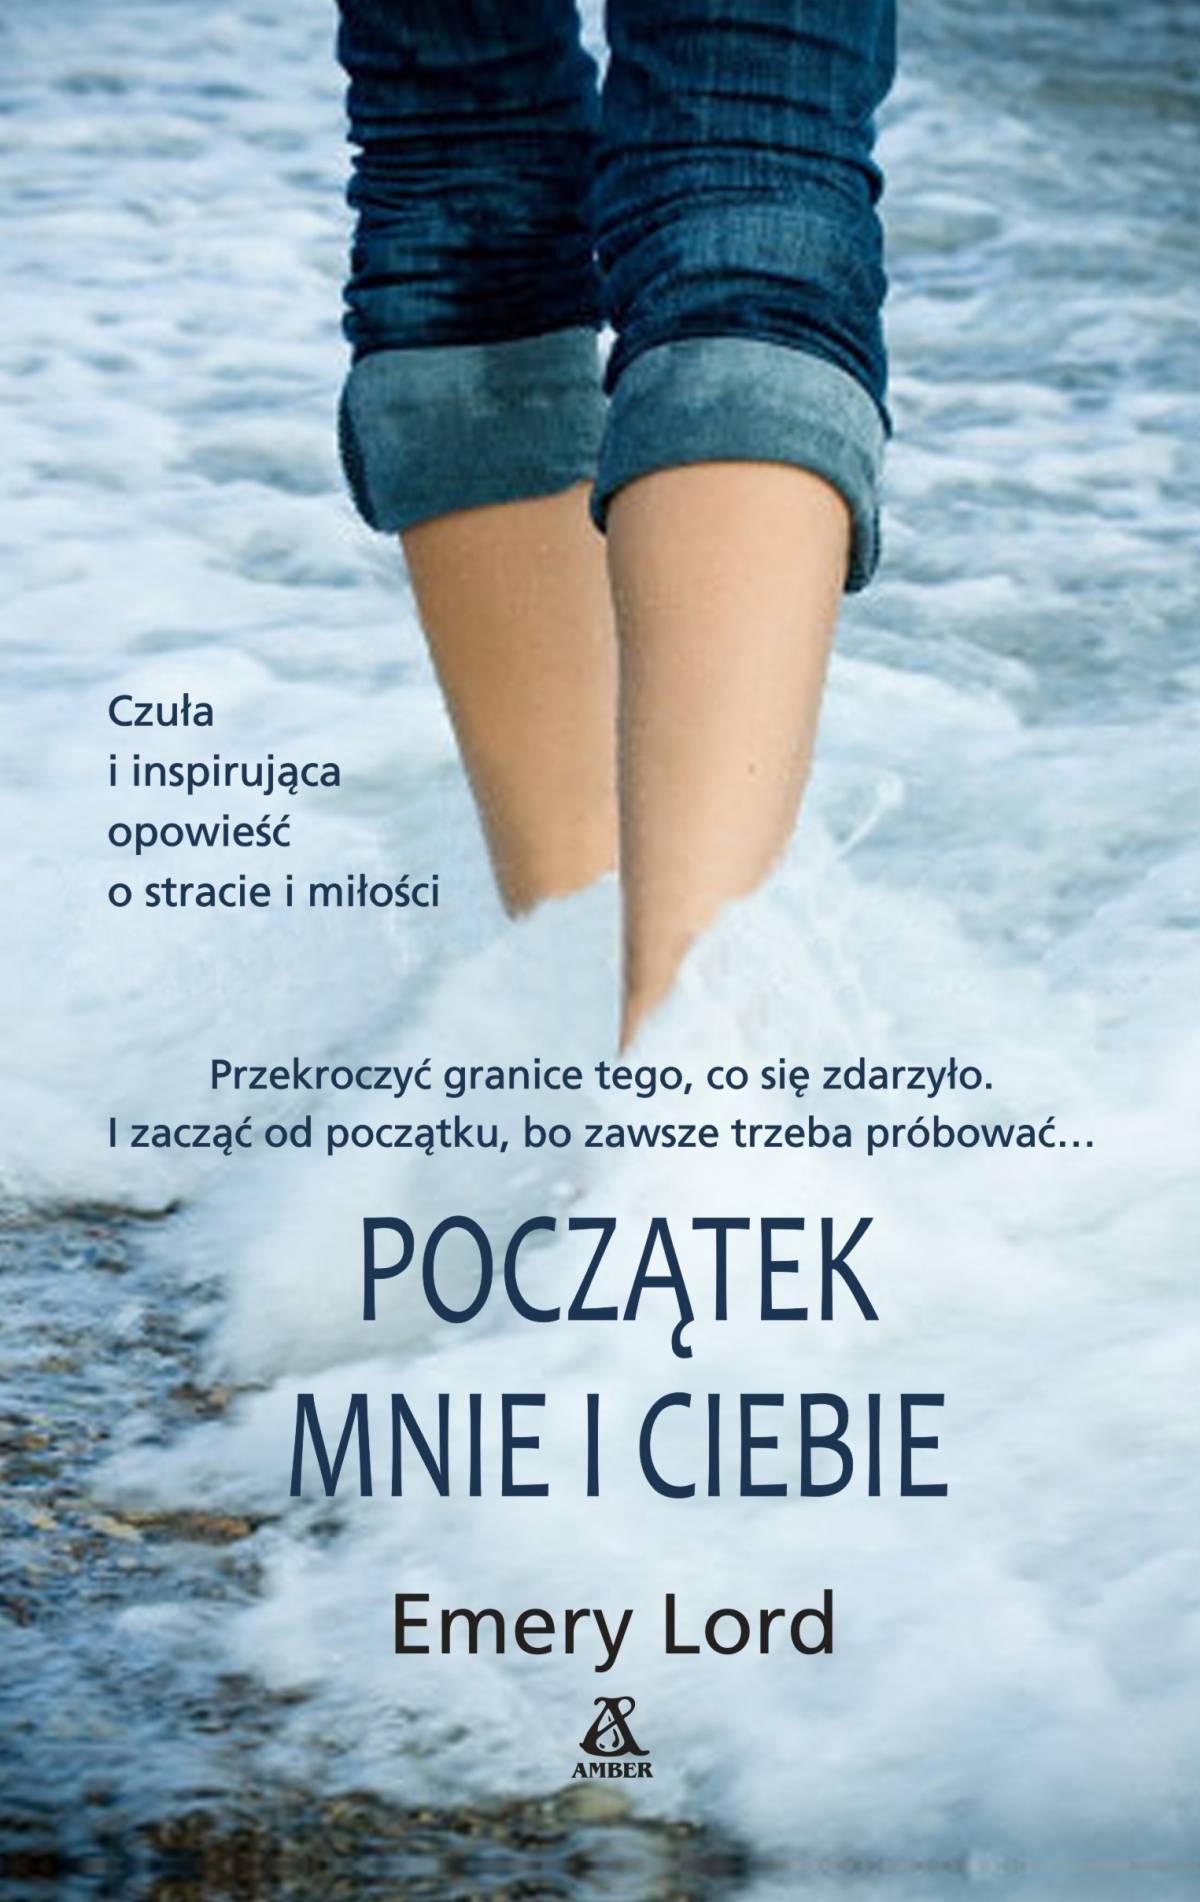 Początek mnie i ciebie - Ebook (Książka na Kindle) do pobrania w formacie MOBI